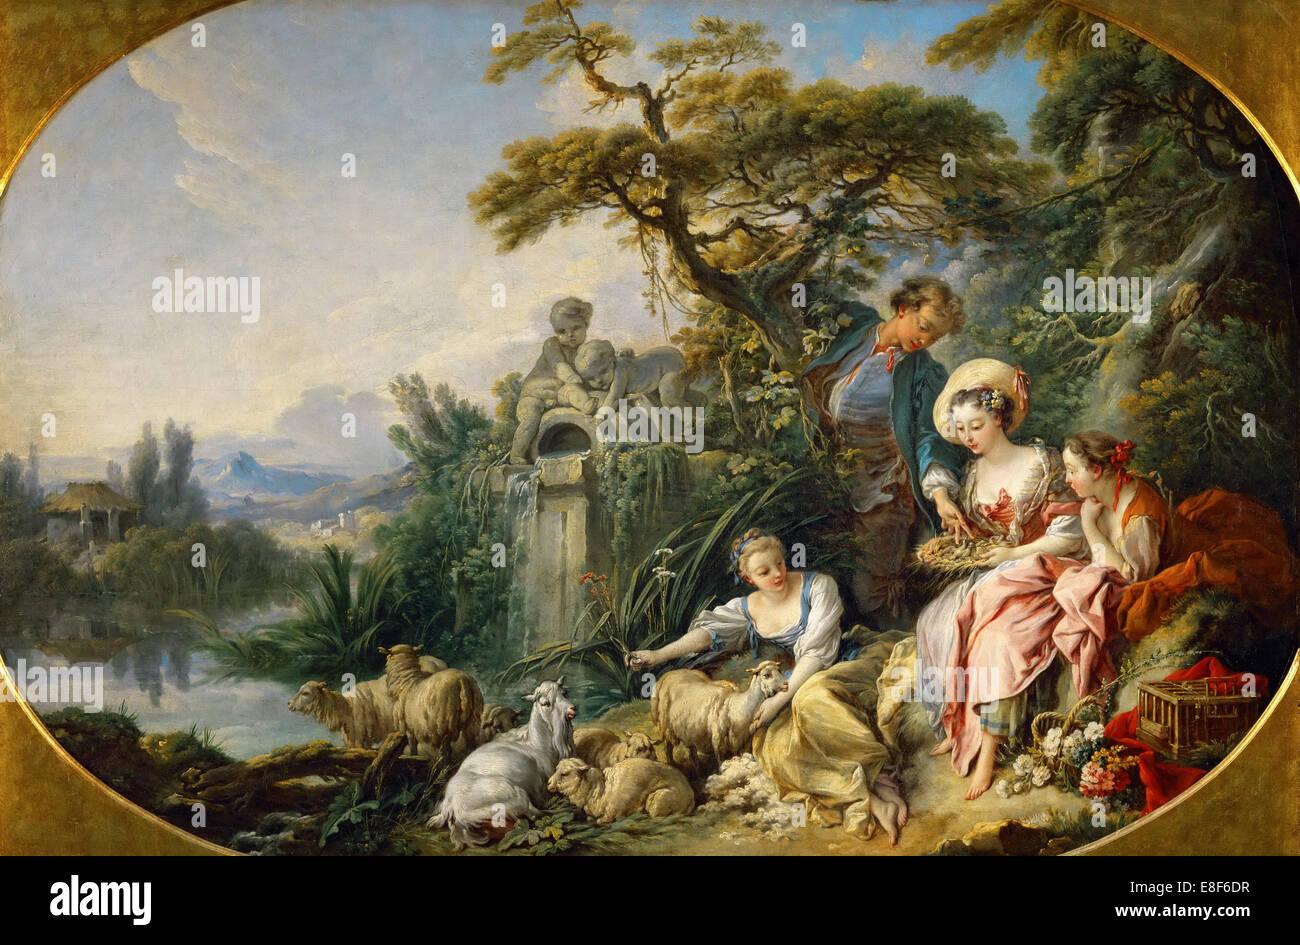 The Shepherd's Presents (The Nest). Artist: Boucher, François (1703-1770) - Stock Image